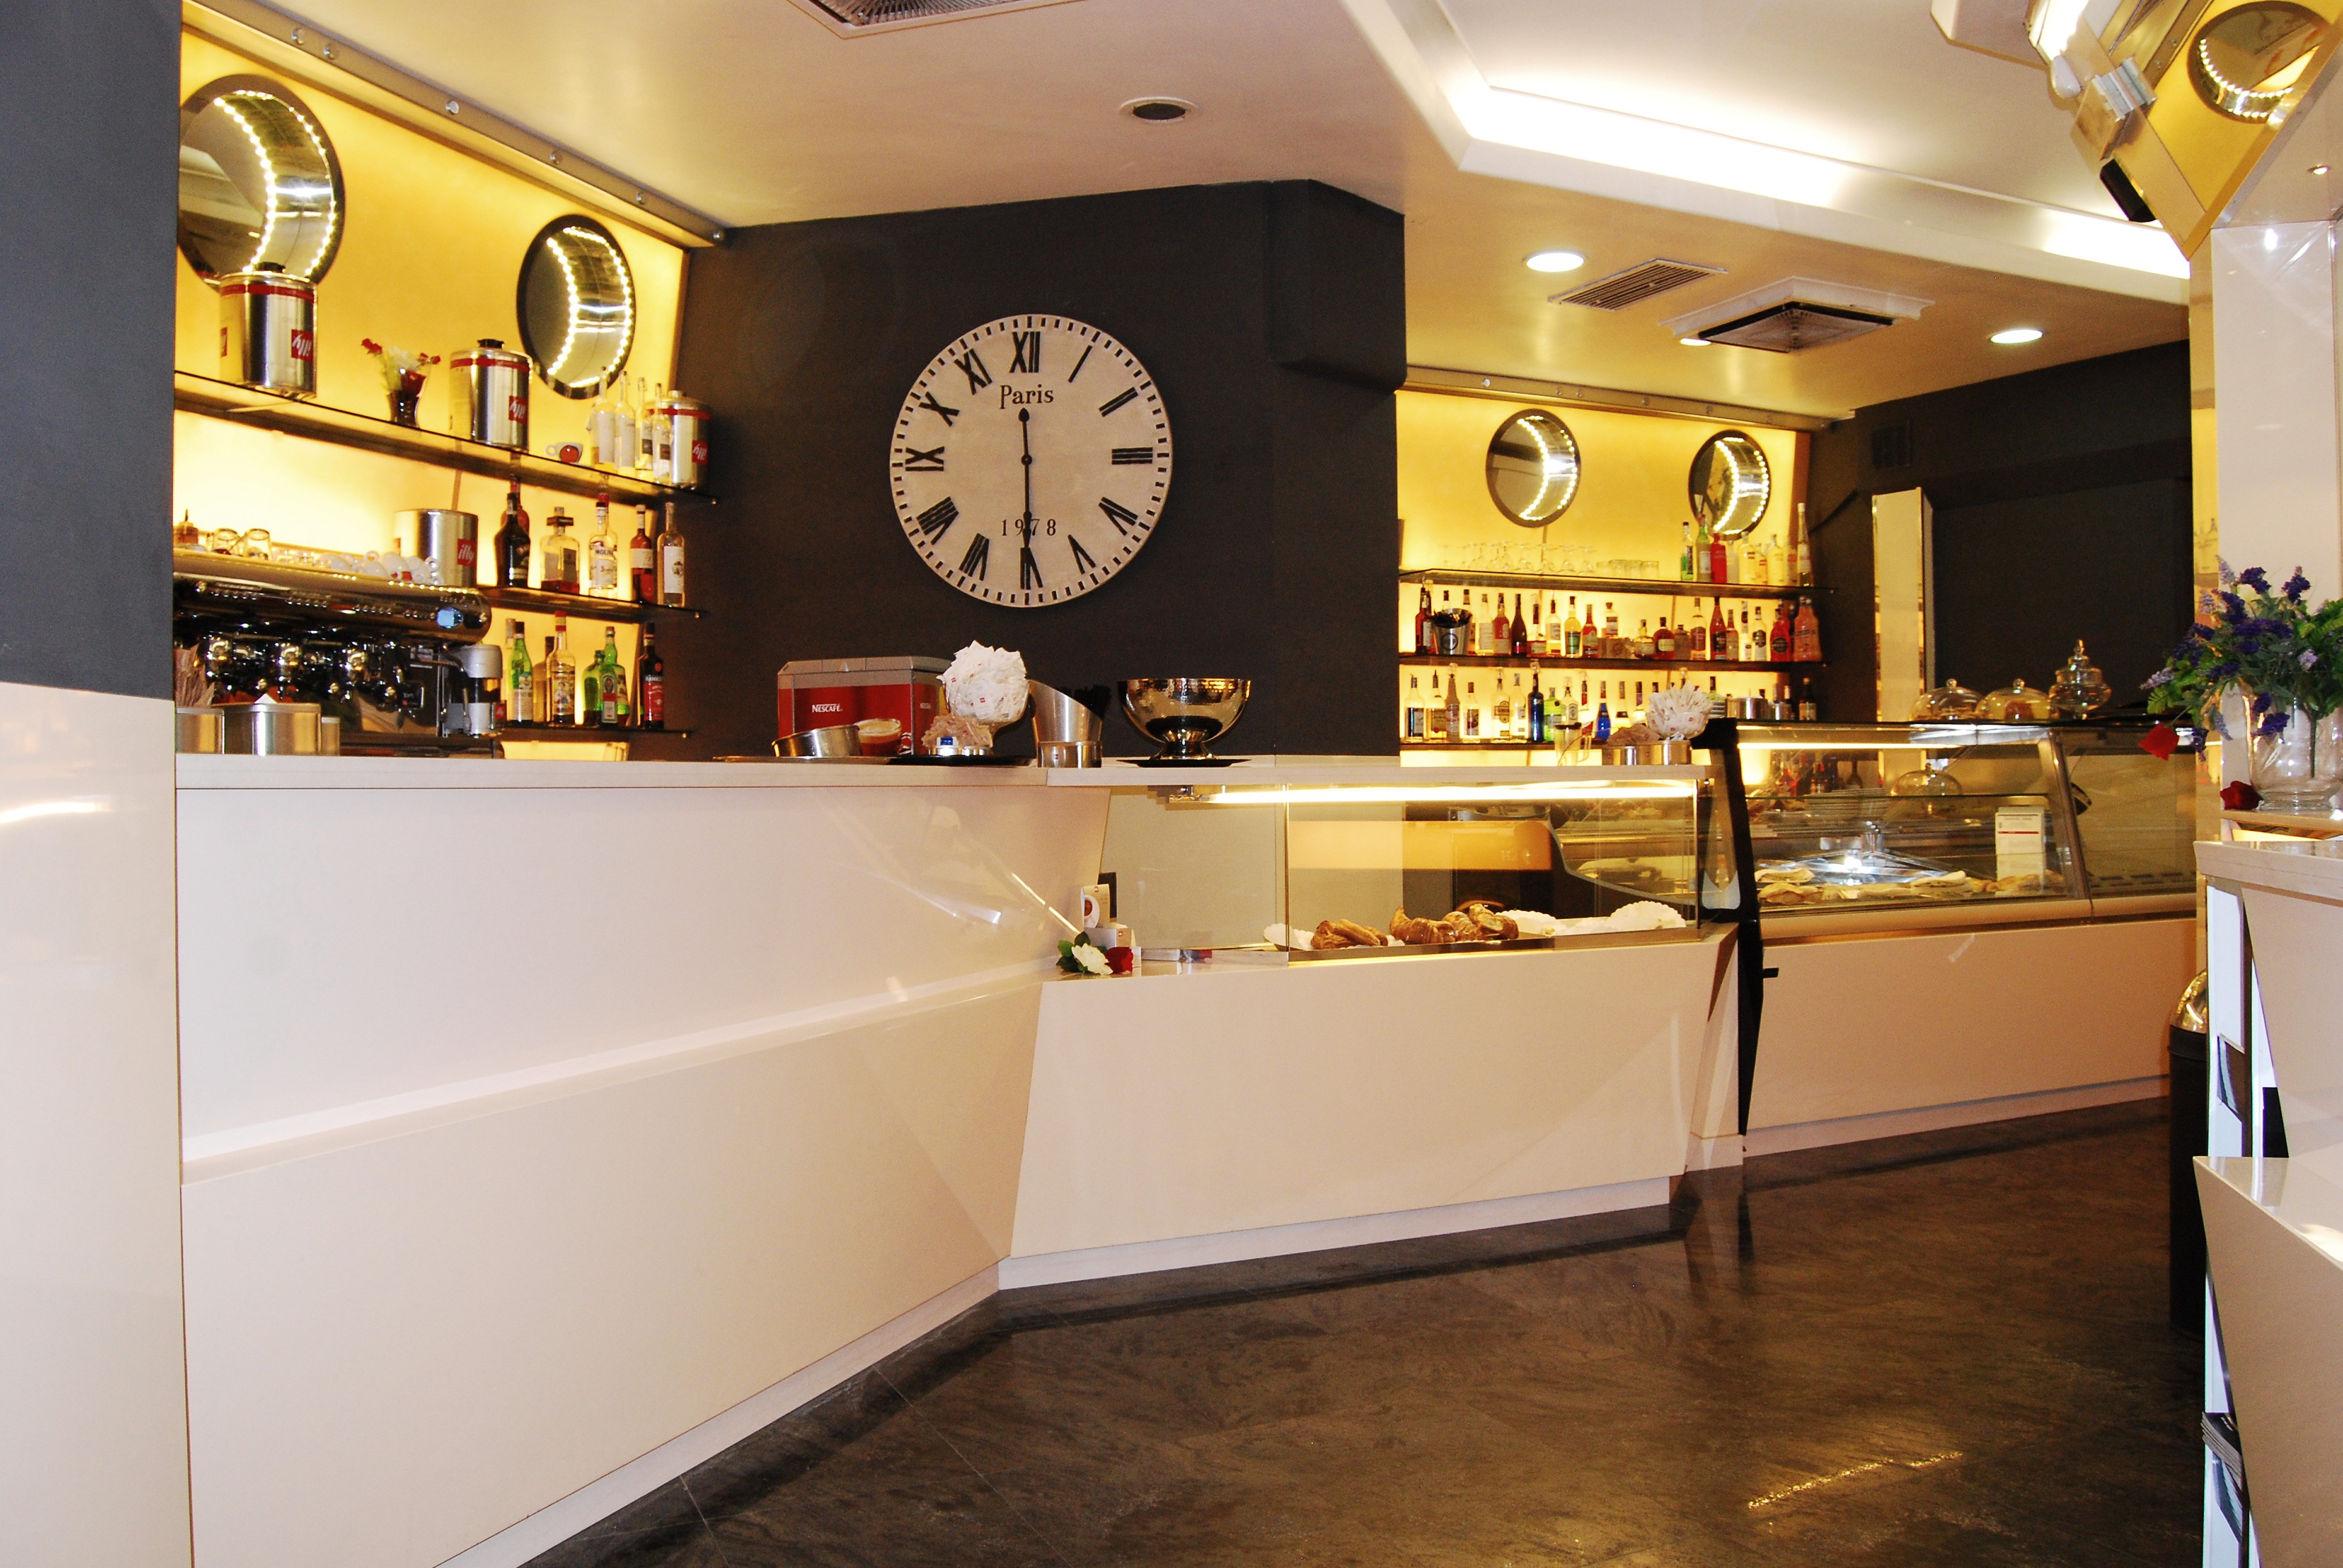 Arredamento tabaccheria e bar ristorante il fungo roma for Arredamento tabaccheria usato